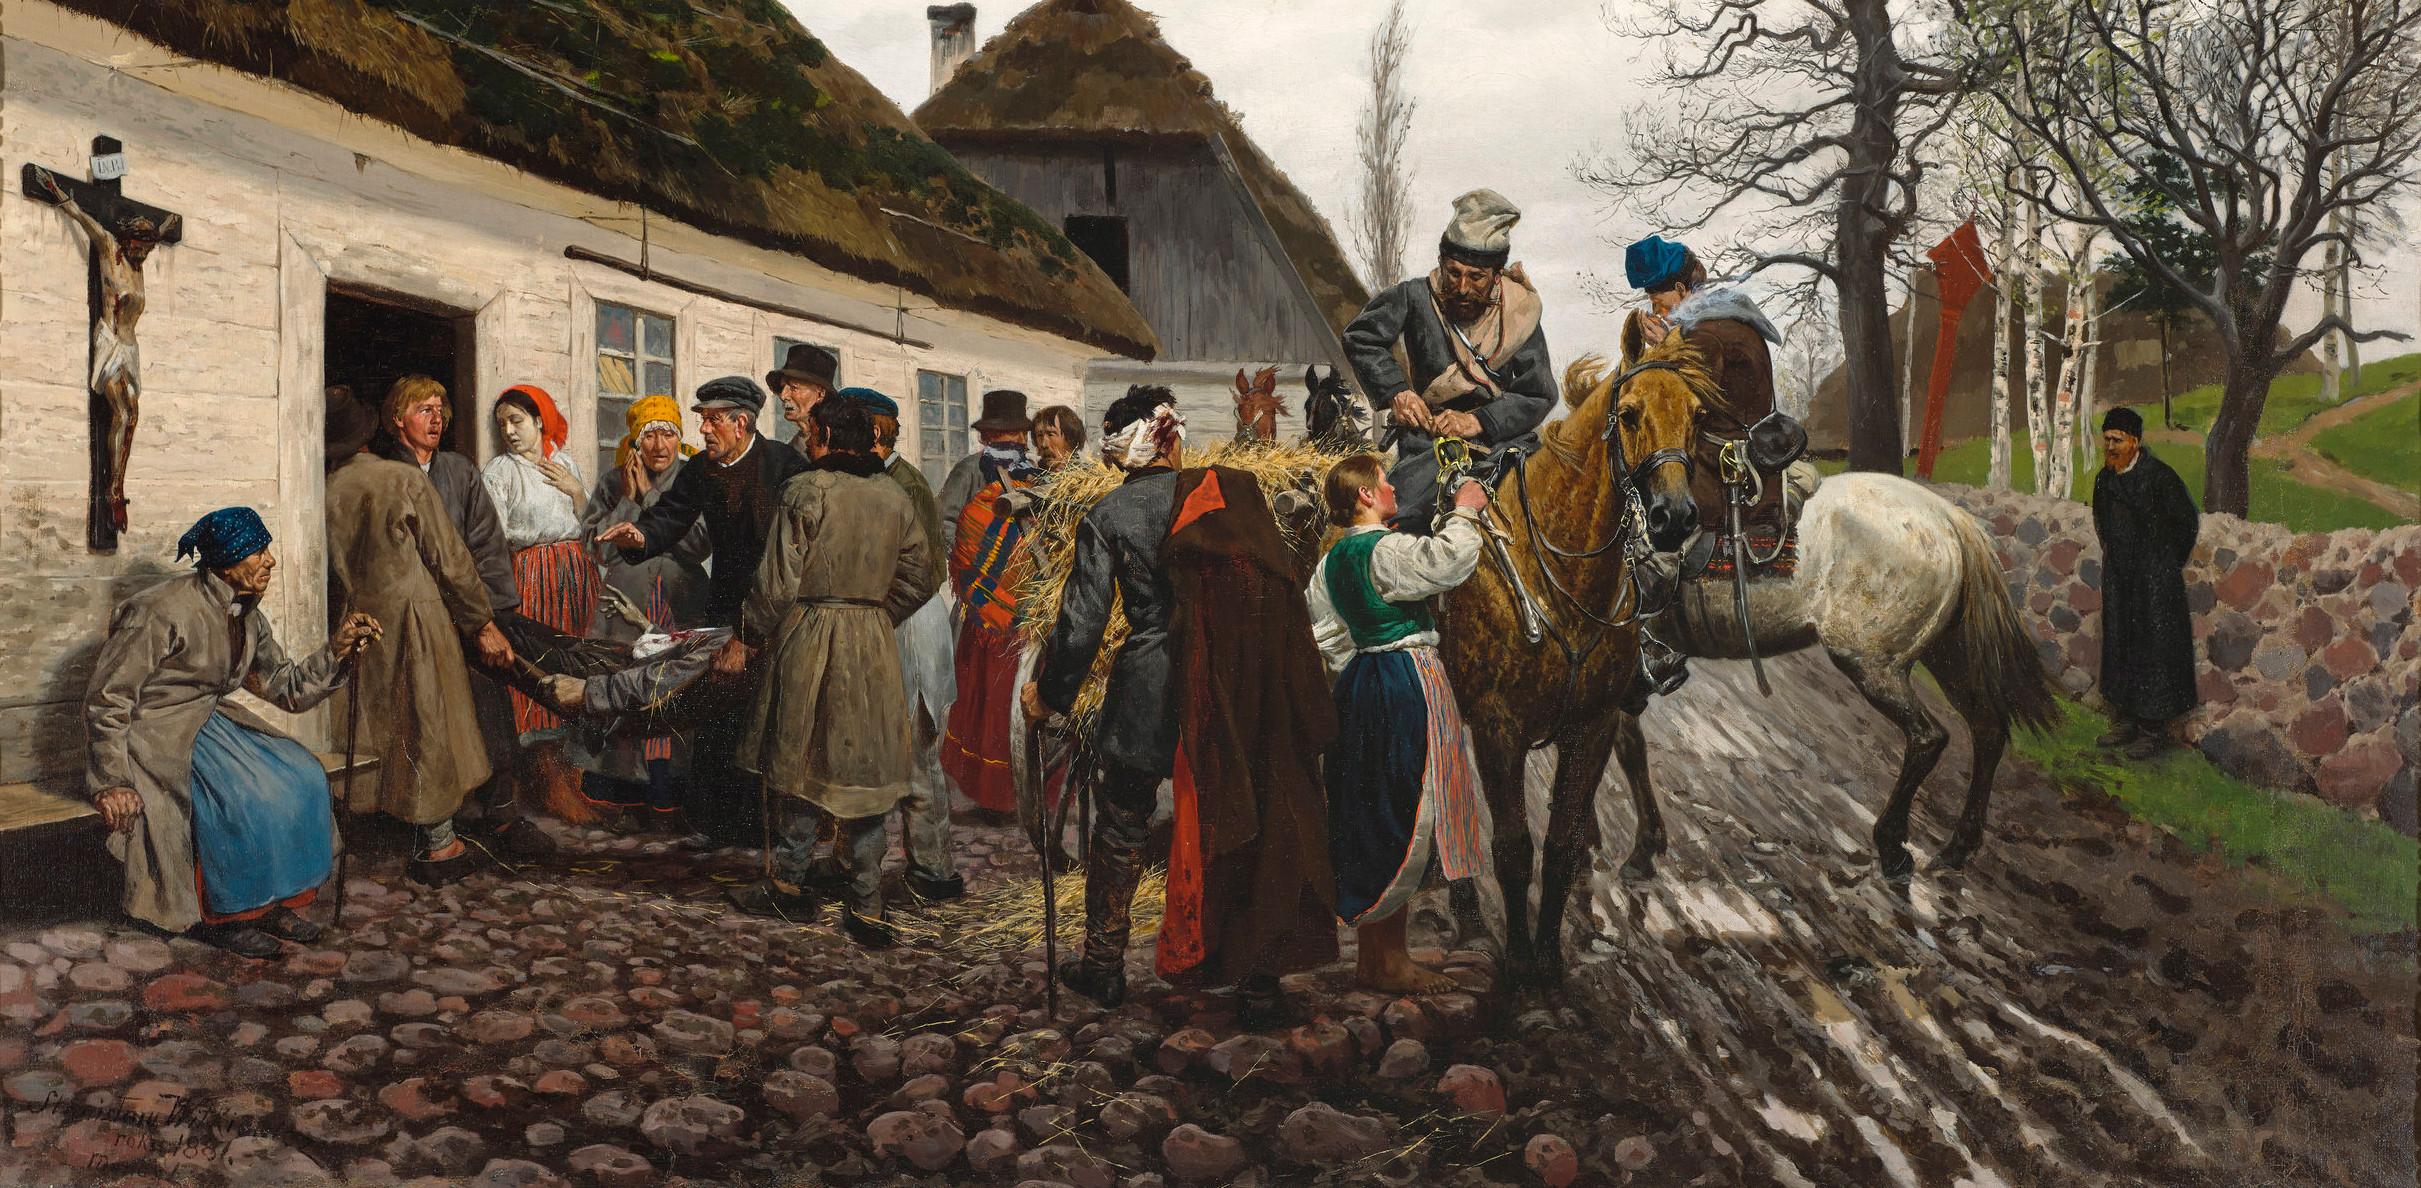 """Stanisław Witkiewicz (1851-1915) """"Ranny powstaniec"""", 1881 rok, źródło: Muzeum Narodowe w Warszawie"""